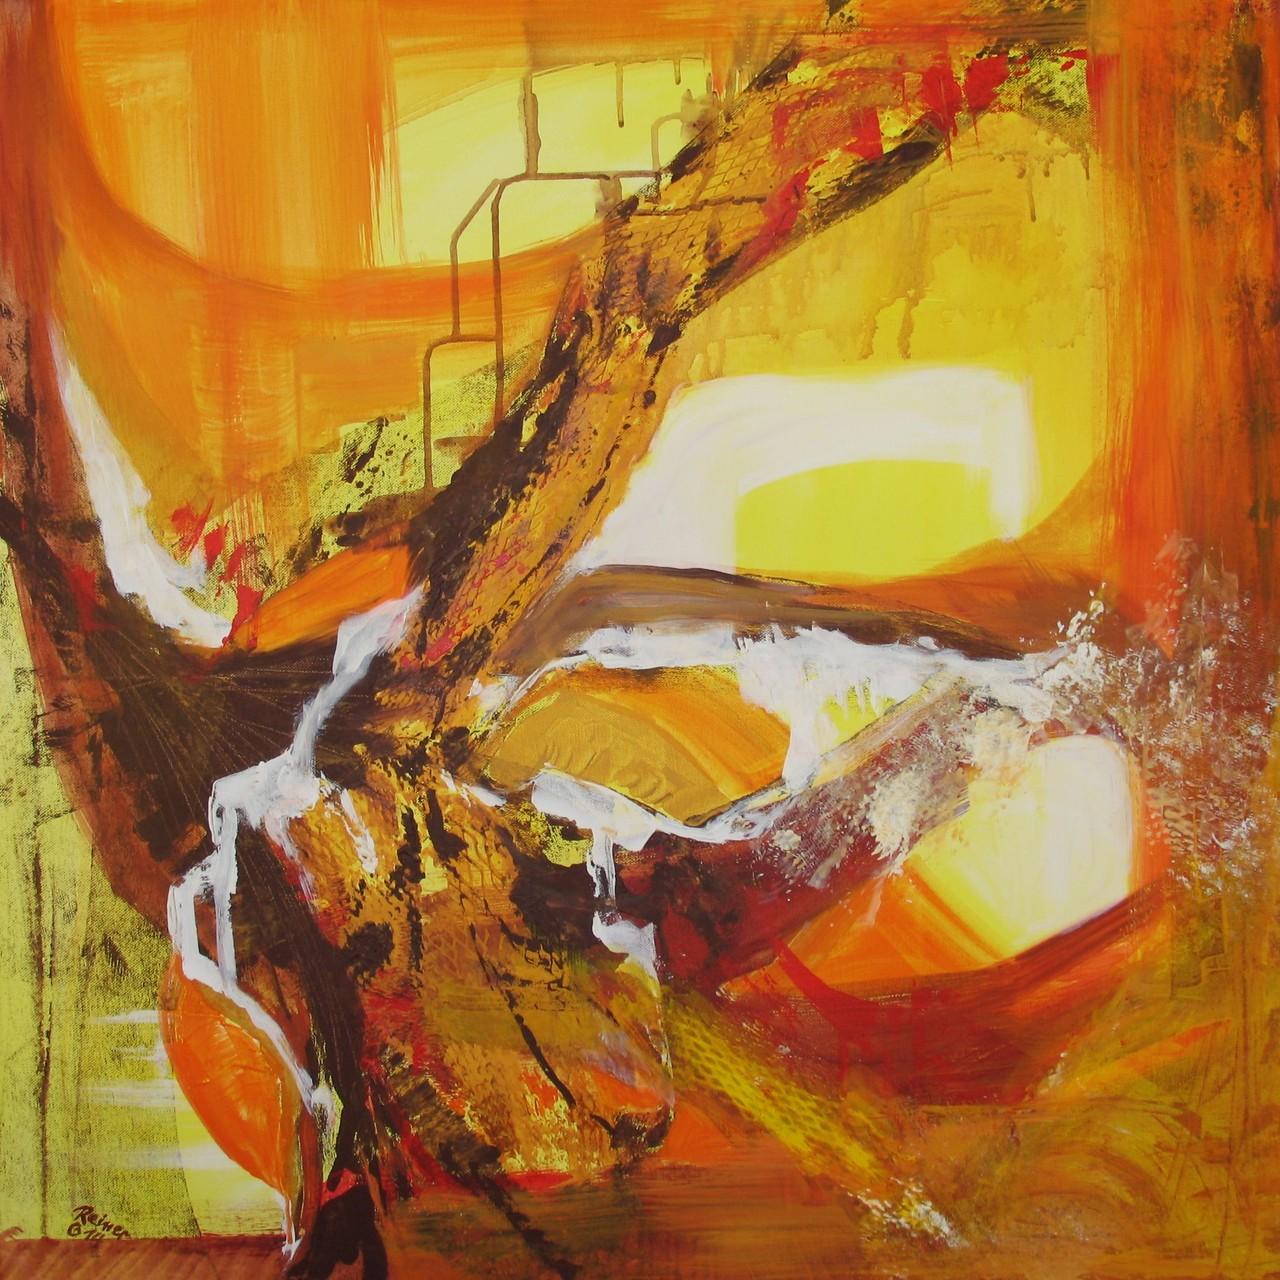 Traumpfade, Acryl auf Leinwand, 80 x 80 cm